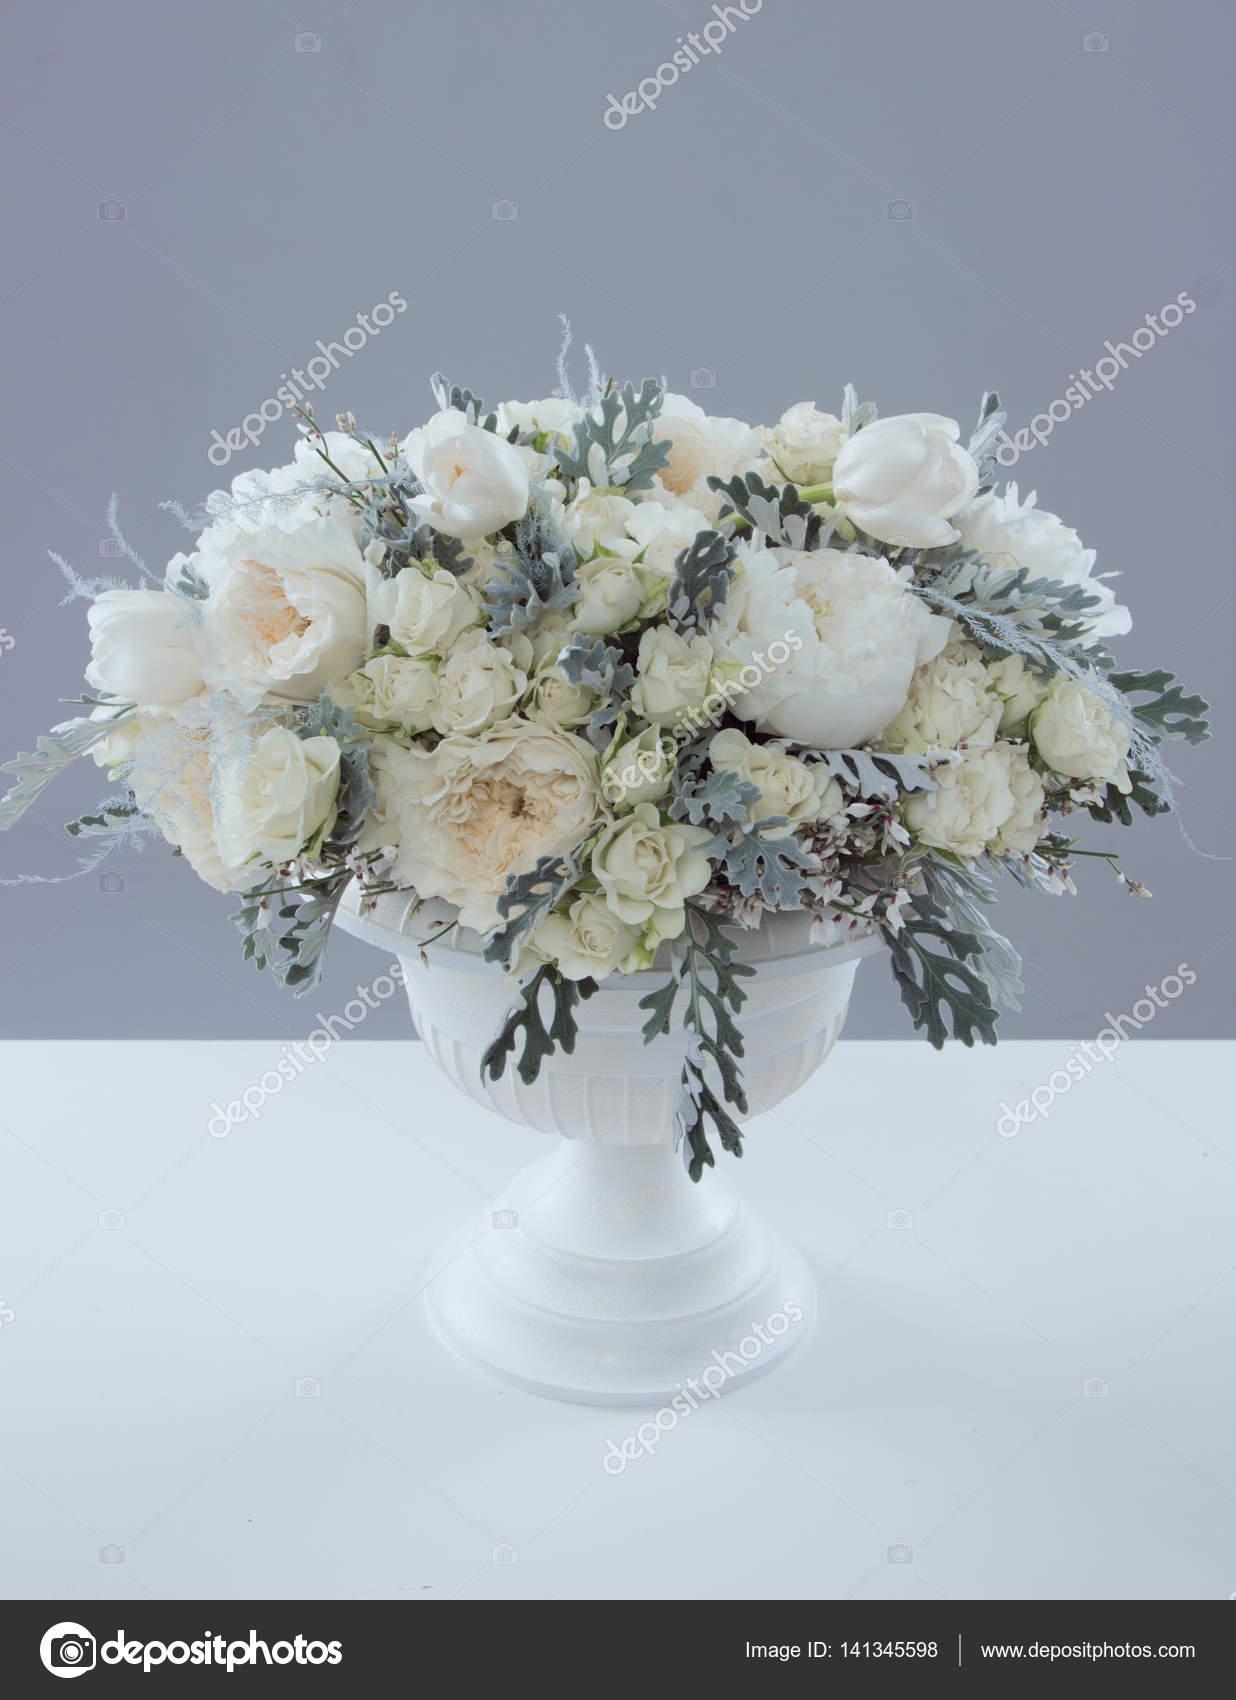 Schonen Weissen Blumenstrauss In Vase Stockfoto C Nelapsiart 141345598